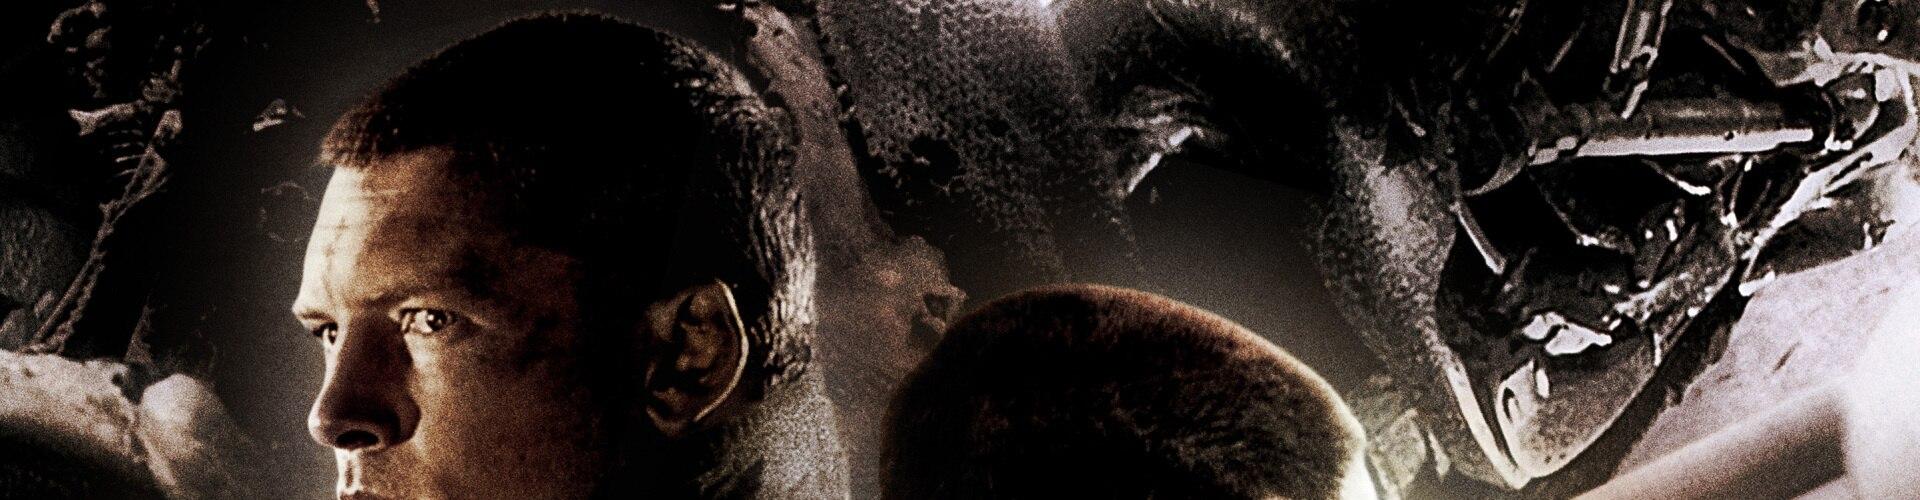 Watch Terminator Salvation Online